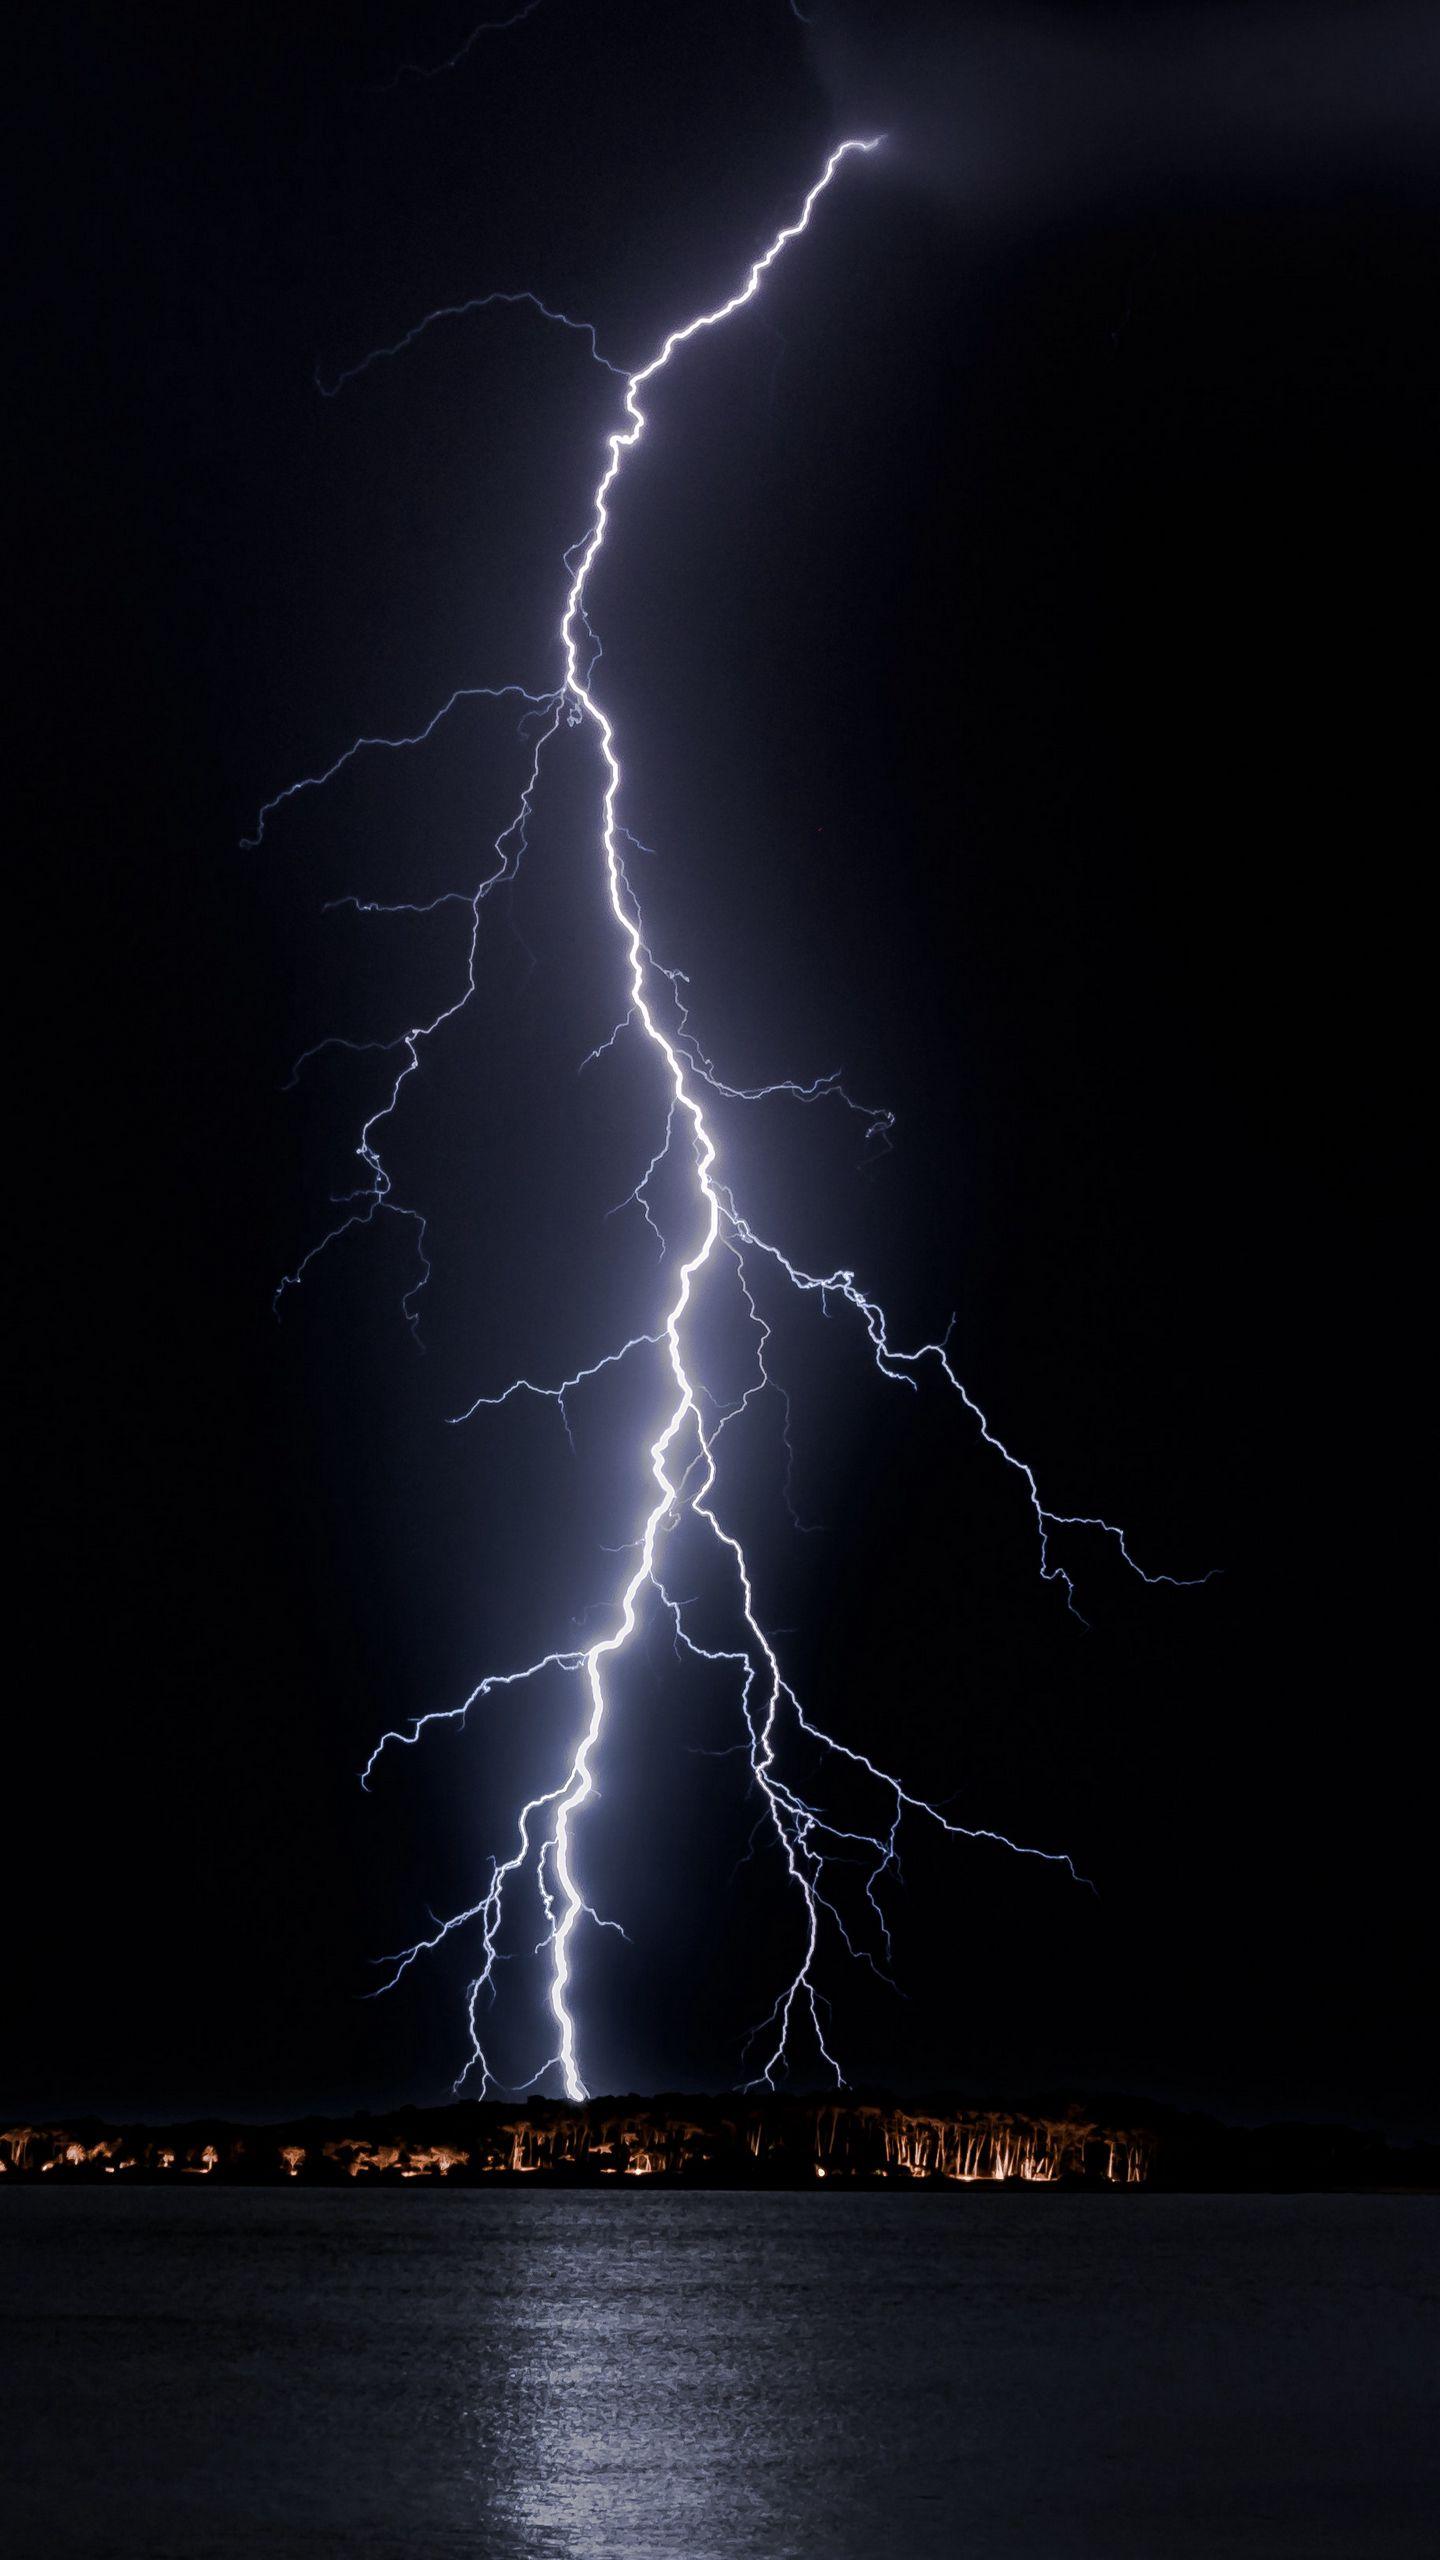 Wallpaper Lightning Night Horizon Sea Light Lightning Iphone Background Hd 2997658 Hd Wallpaper Backgrounds Download